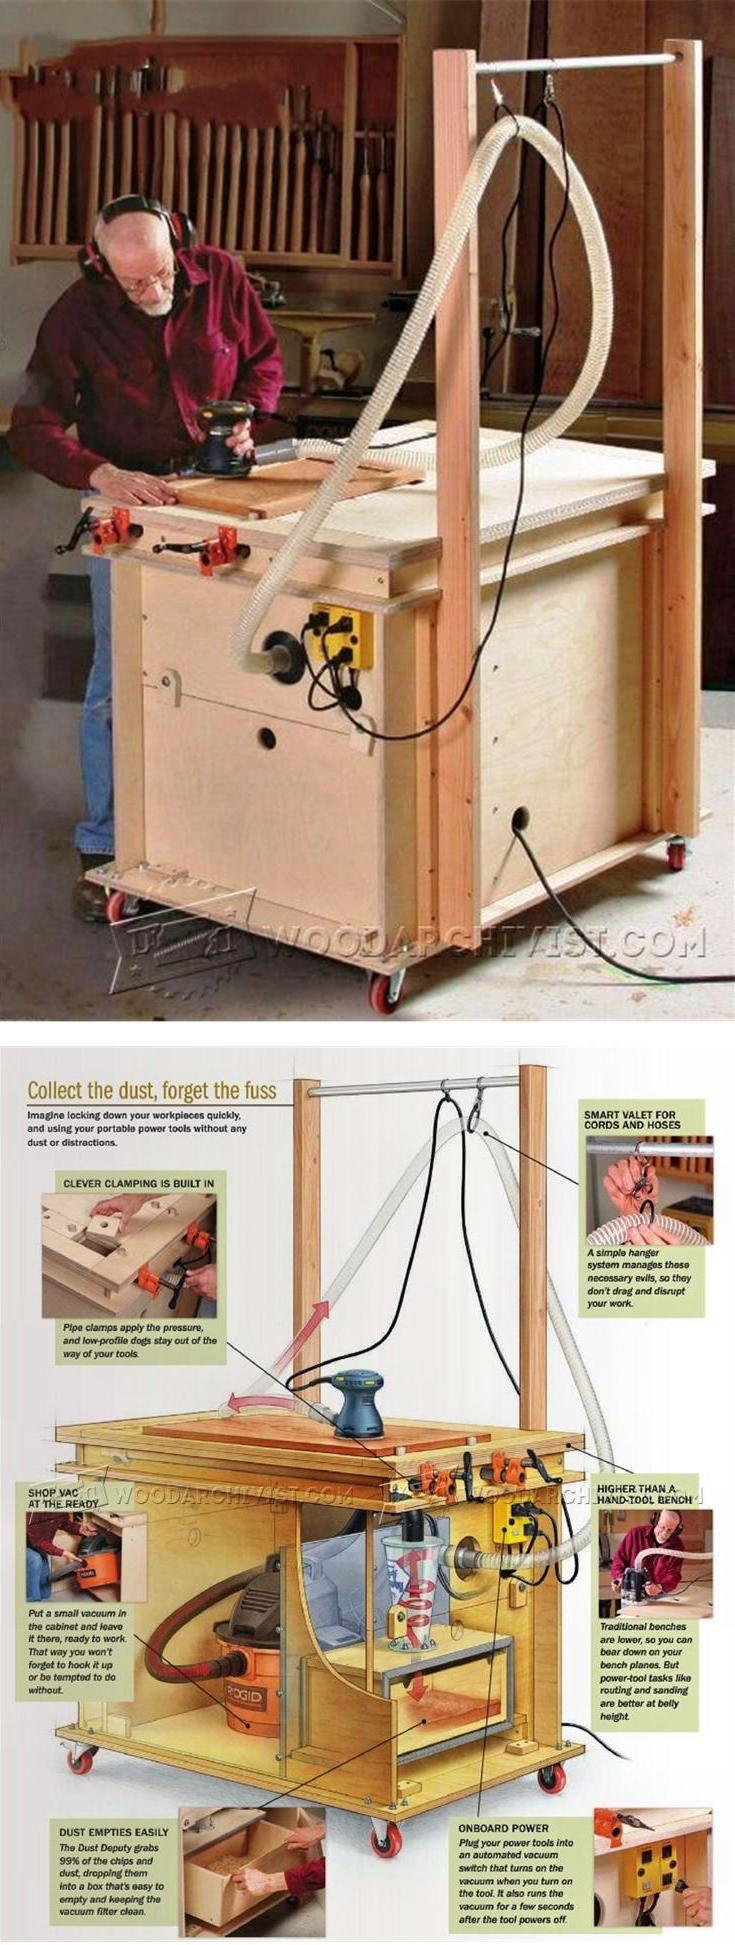 Sanding Table Plans - Sanding Tips, Jigs and Techniques | WoodArchivist.com